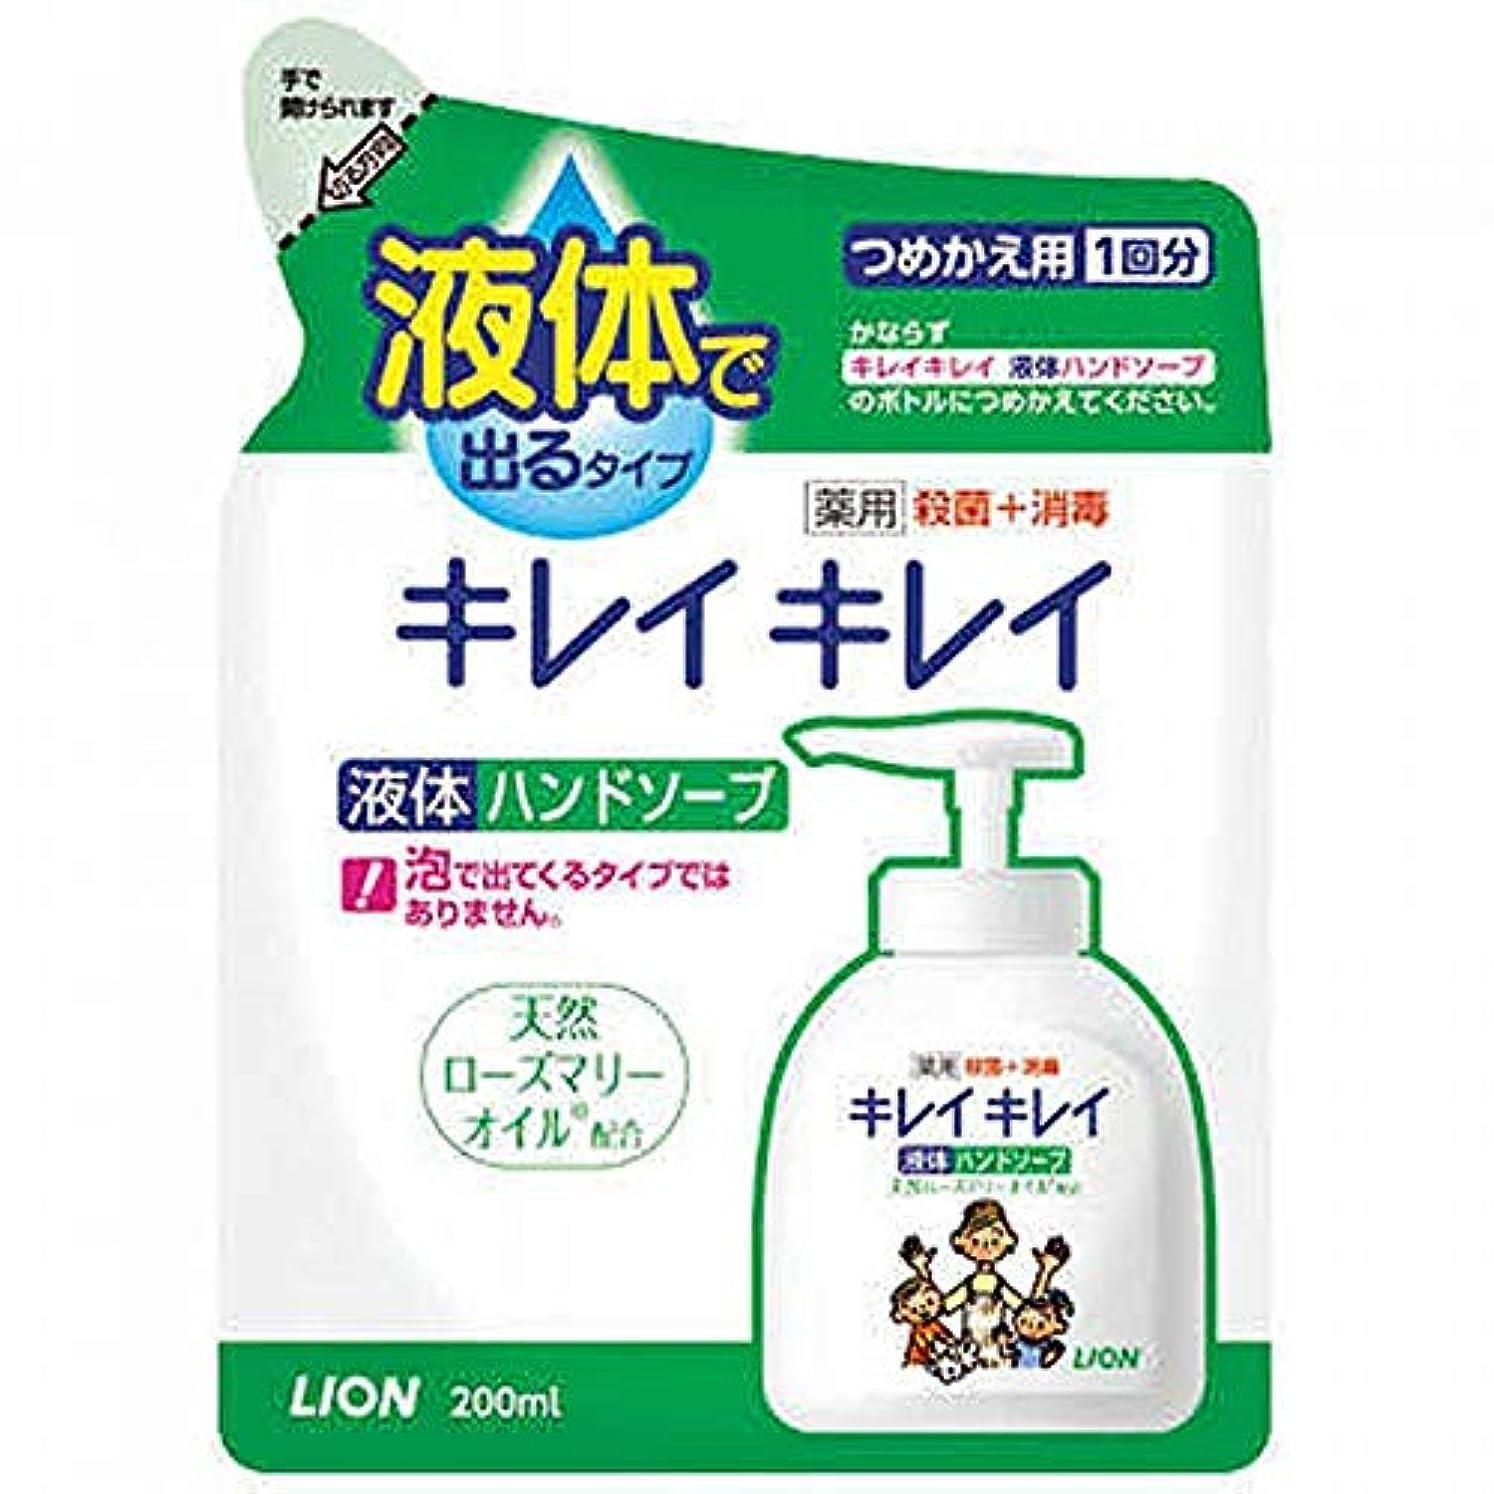 中性ネット日帰り旅行にライオン キレイキレイ 薬用液体ハンドソープ 詰替 200ml ×2セット